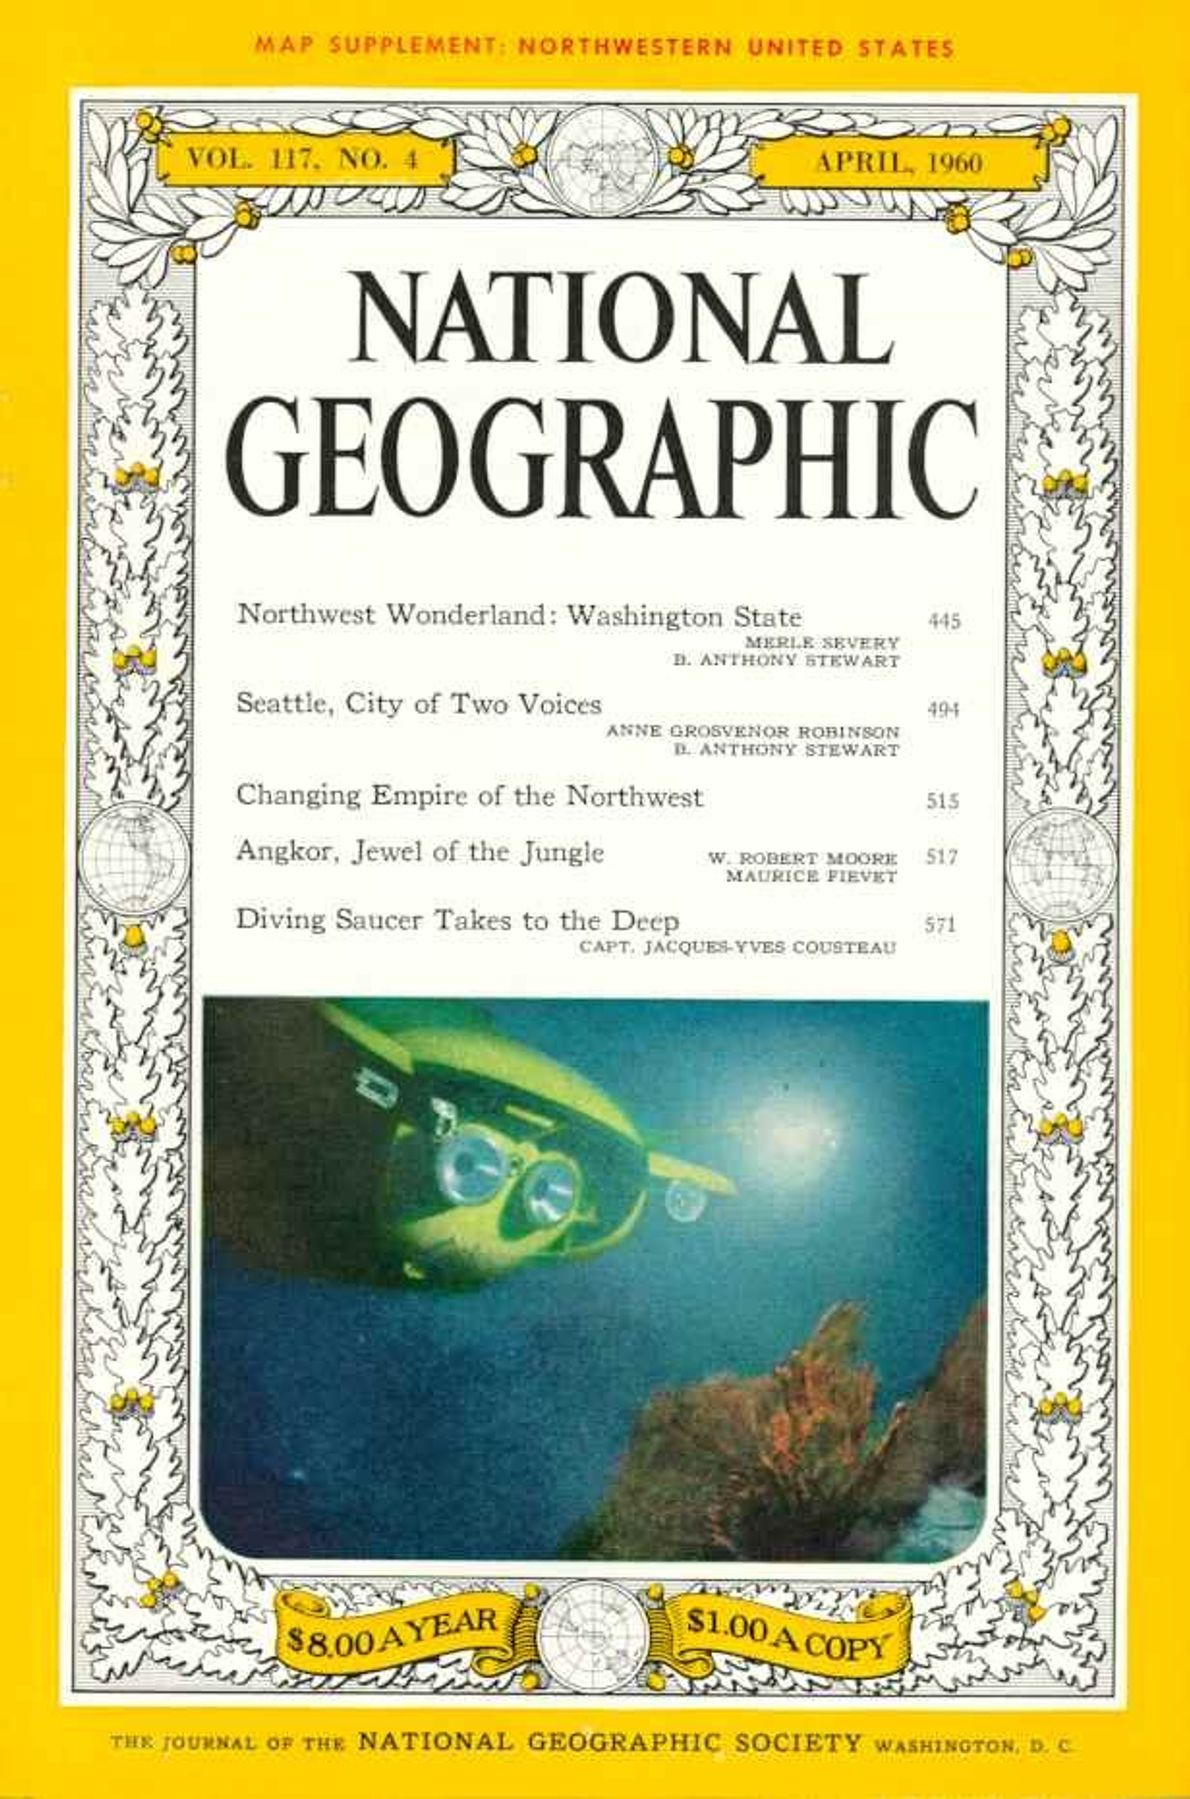 ABRIL DE 1960 — JACQUES COUSTEAU E A NATIONAL GEOGRAPHIC